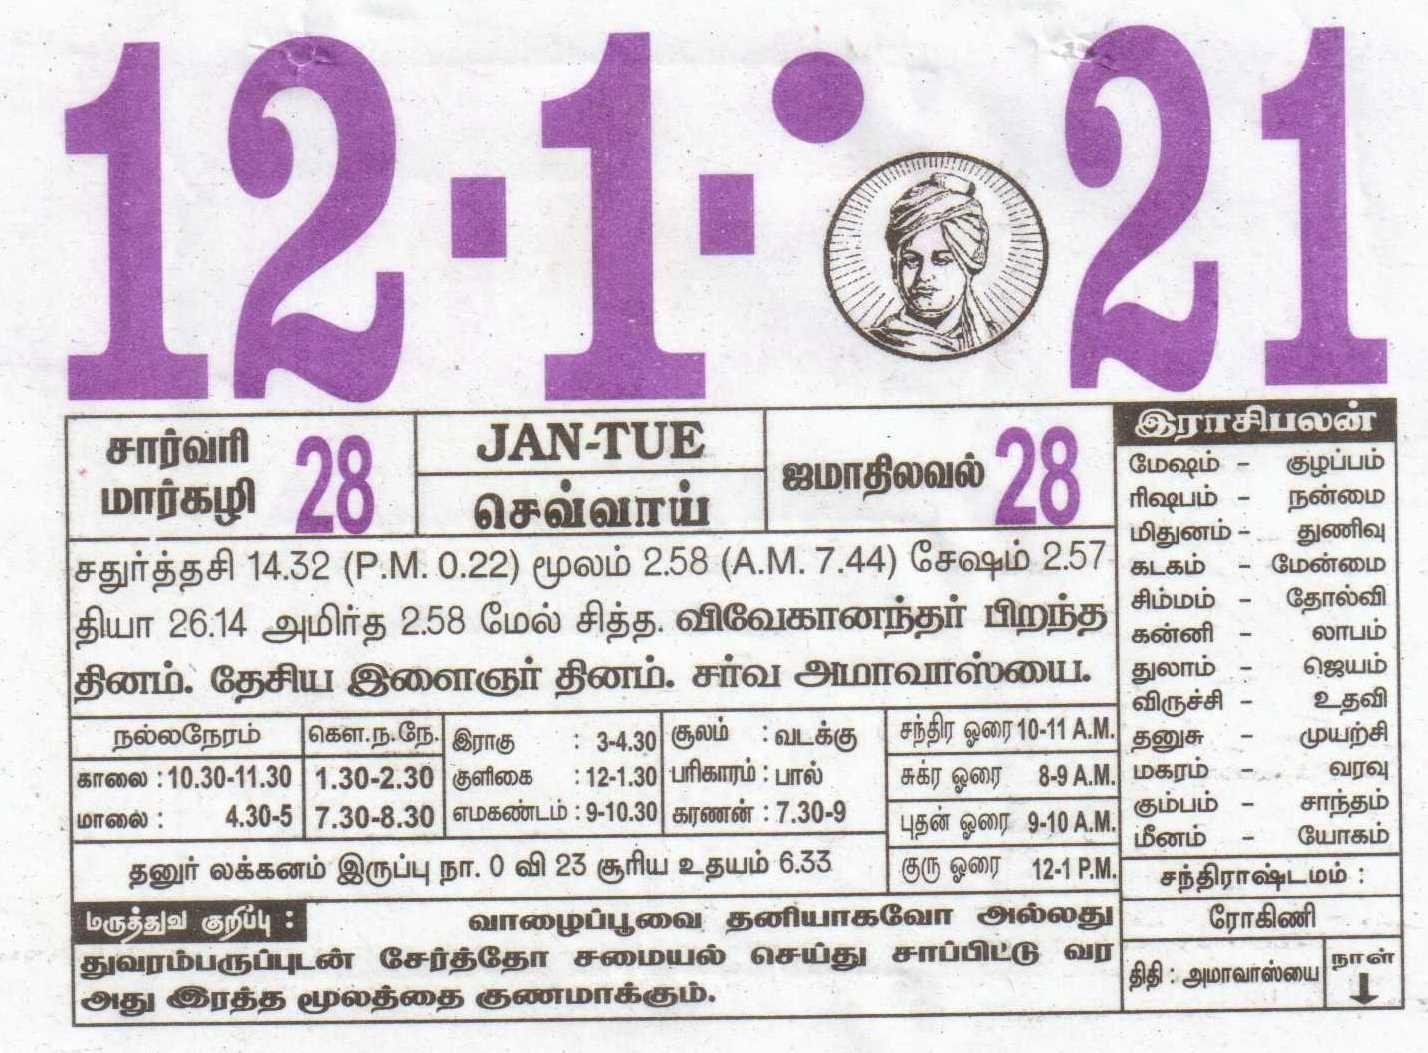 12-01-2021 Daily Calendar   Date 12 , January Daily Tear Off Calendar   Daily Panchangam Rasi Palan with regard to 2021 Tamil Calendar Holidays